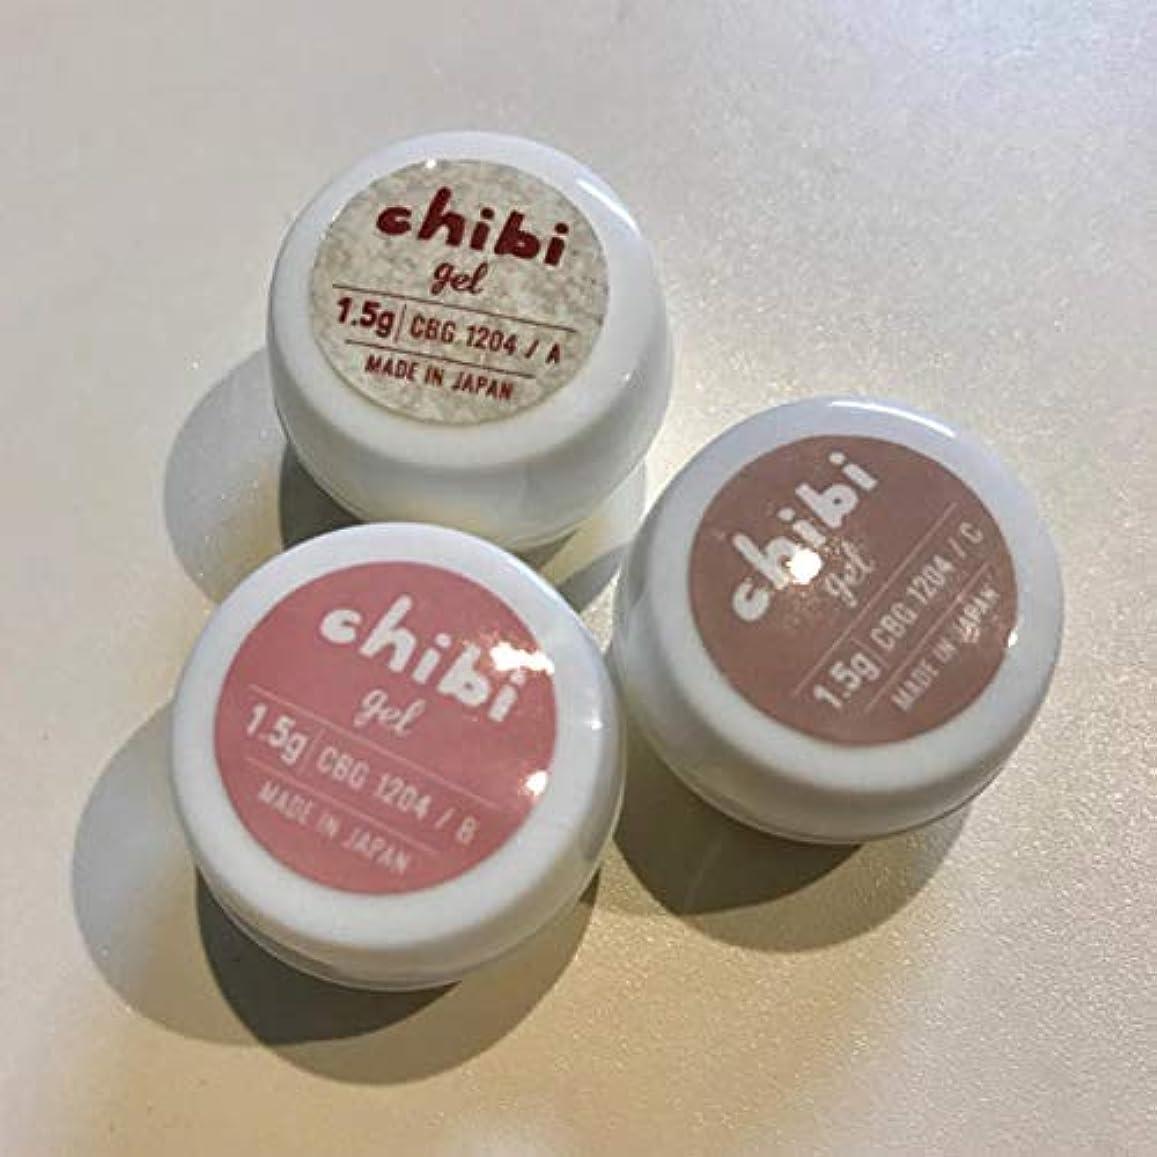 サークル可愛いドループBWちびジェル2 カラージェル 1.5g CBG1201?1208 8種 3色入り 日本製 chibi gel ちょこっと ソフト ジェル ネイル 単色 ラメ パール アート アクセント 爪 LED (CBG1208)